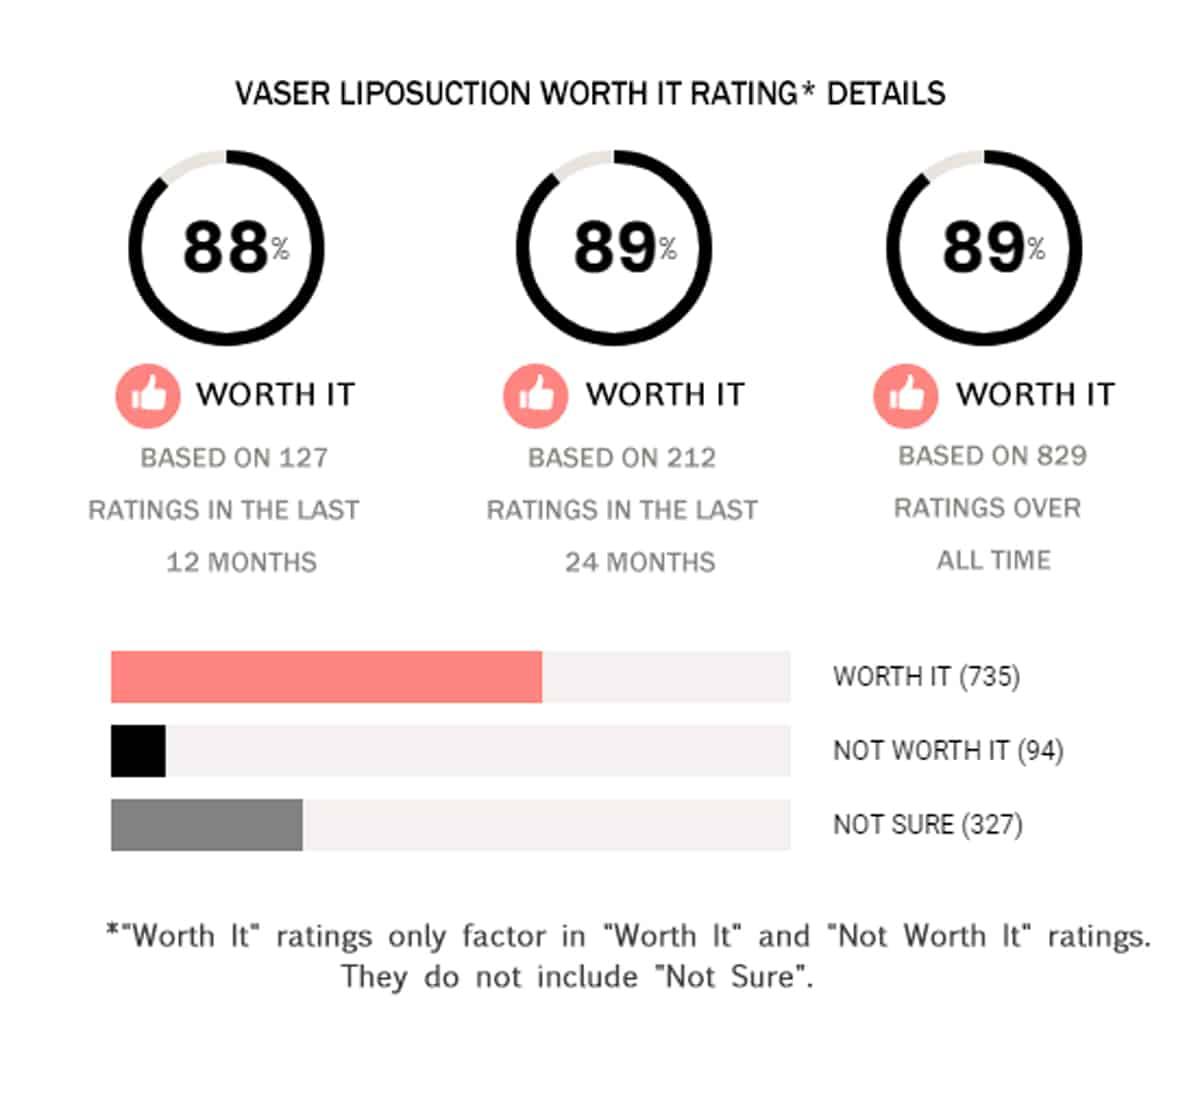 Vaser Lipo Worth It Rating Details